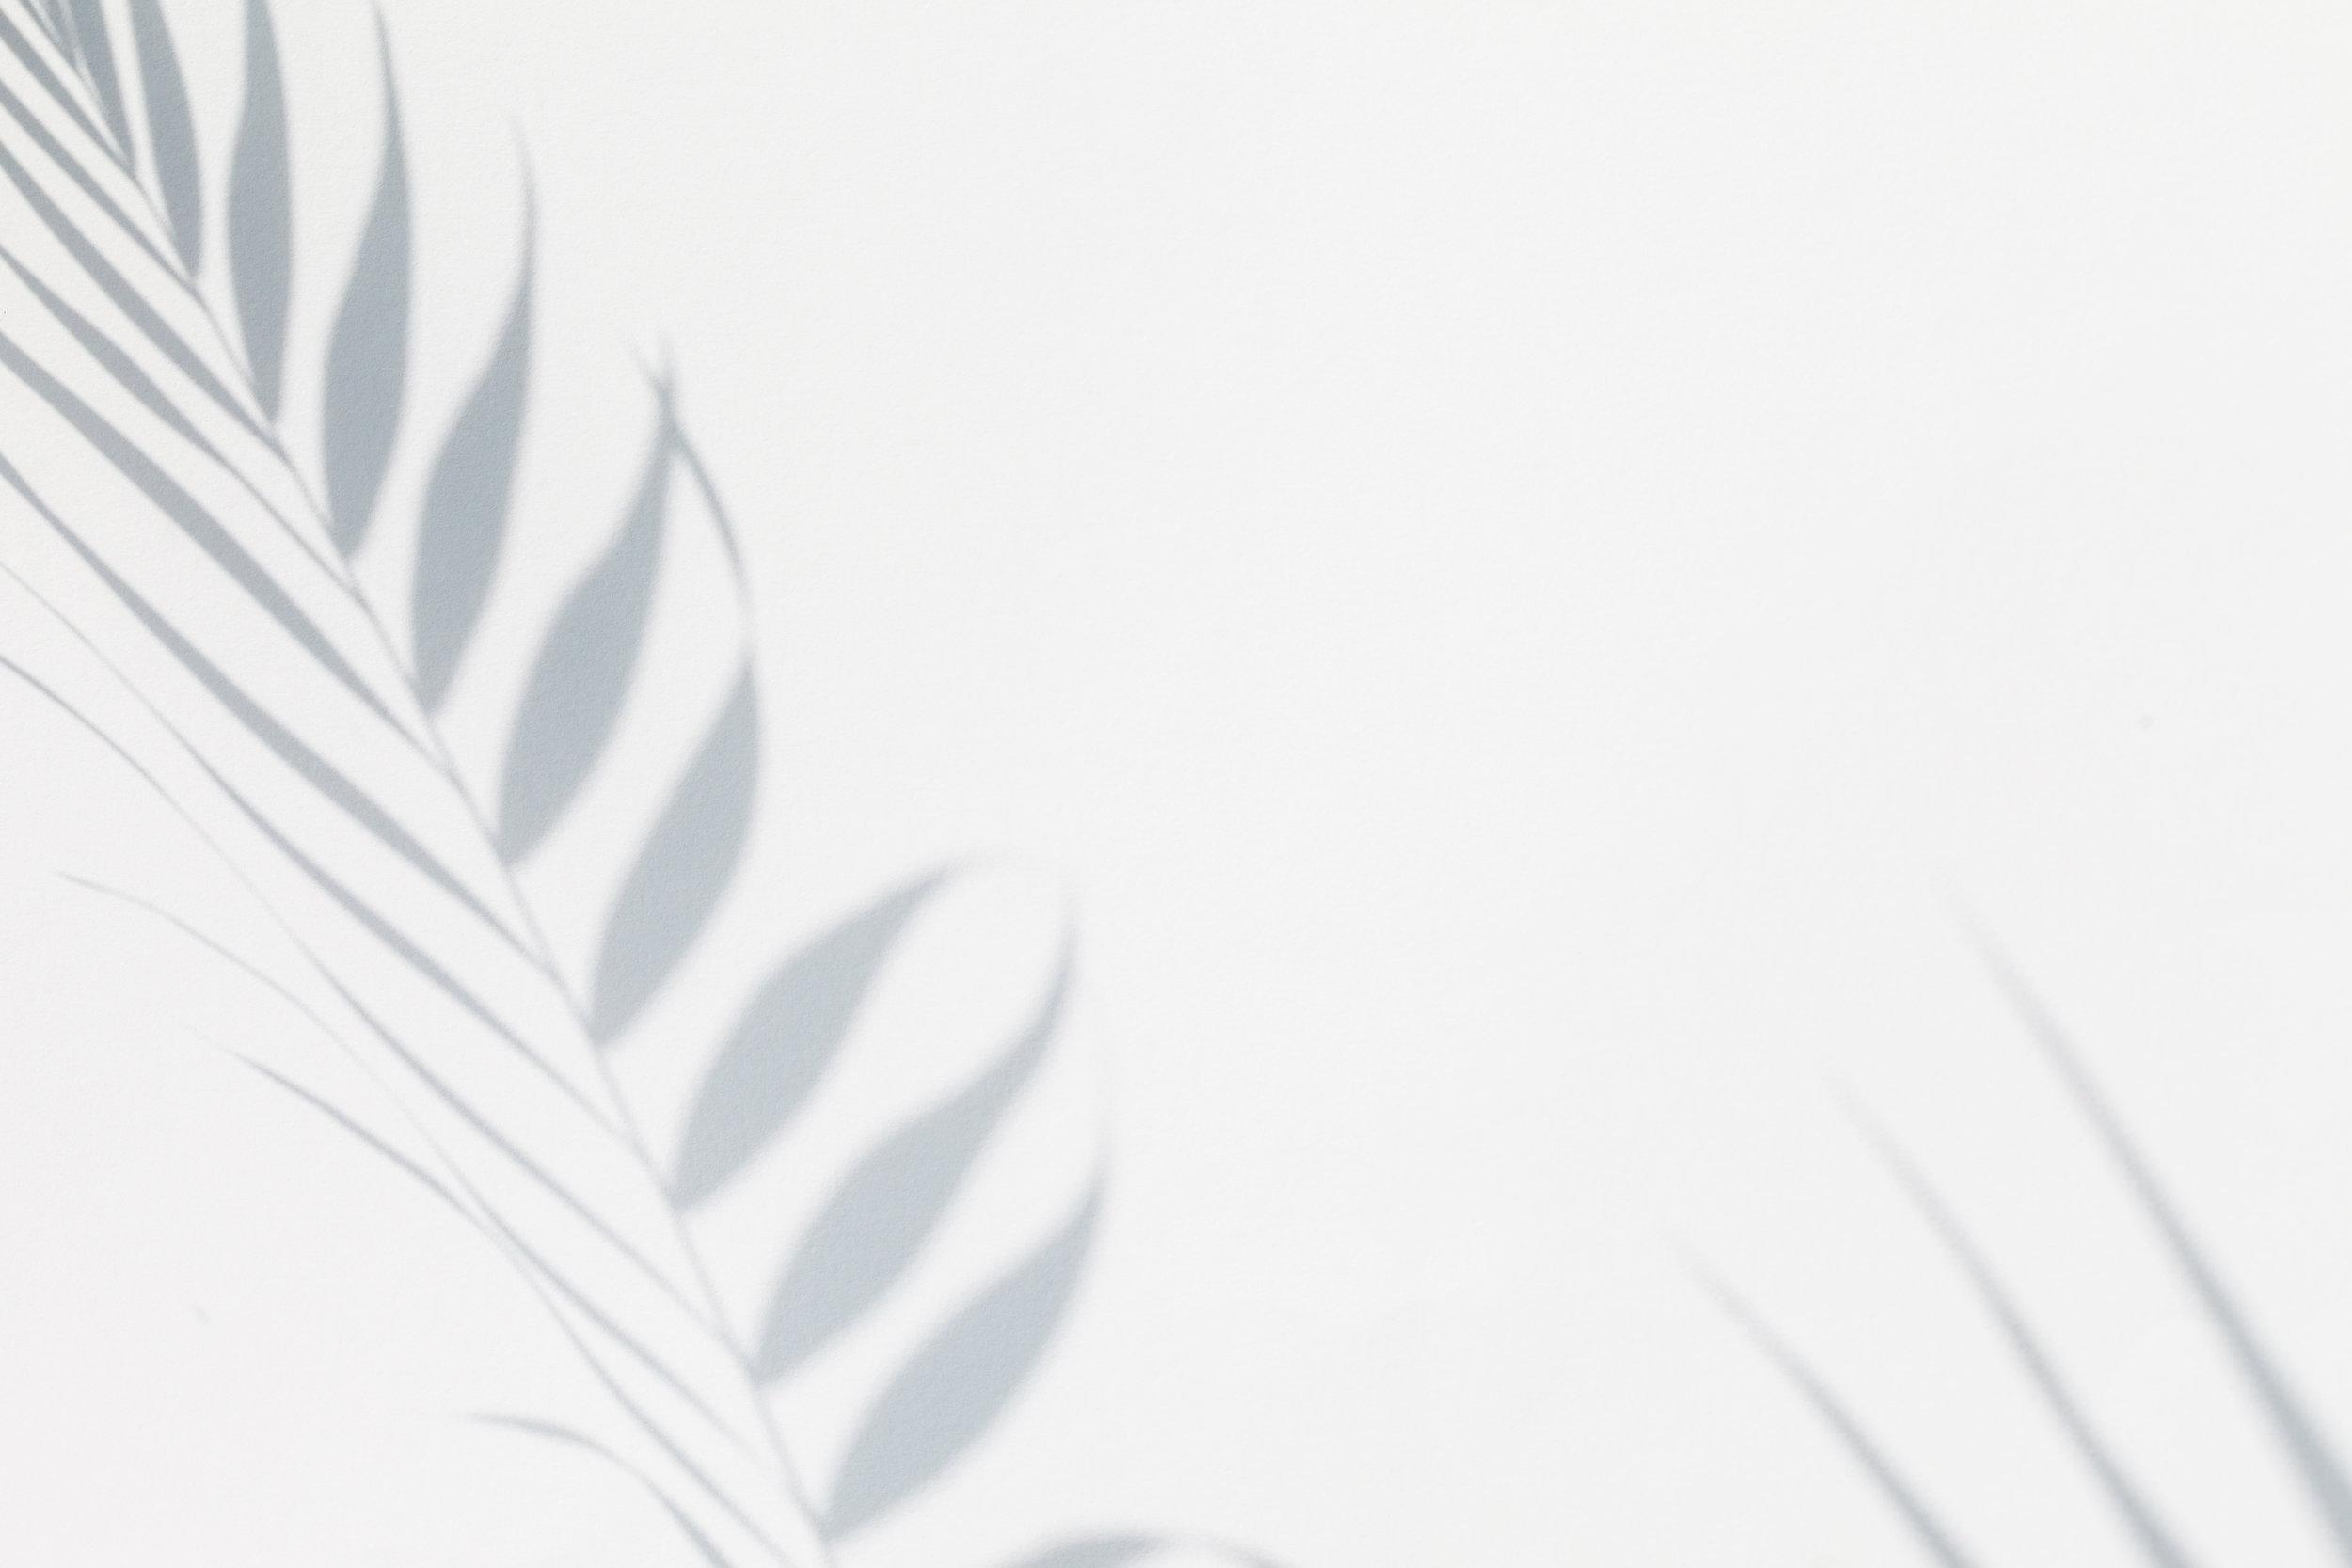 palmtreeshadow